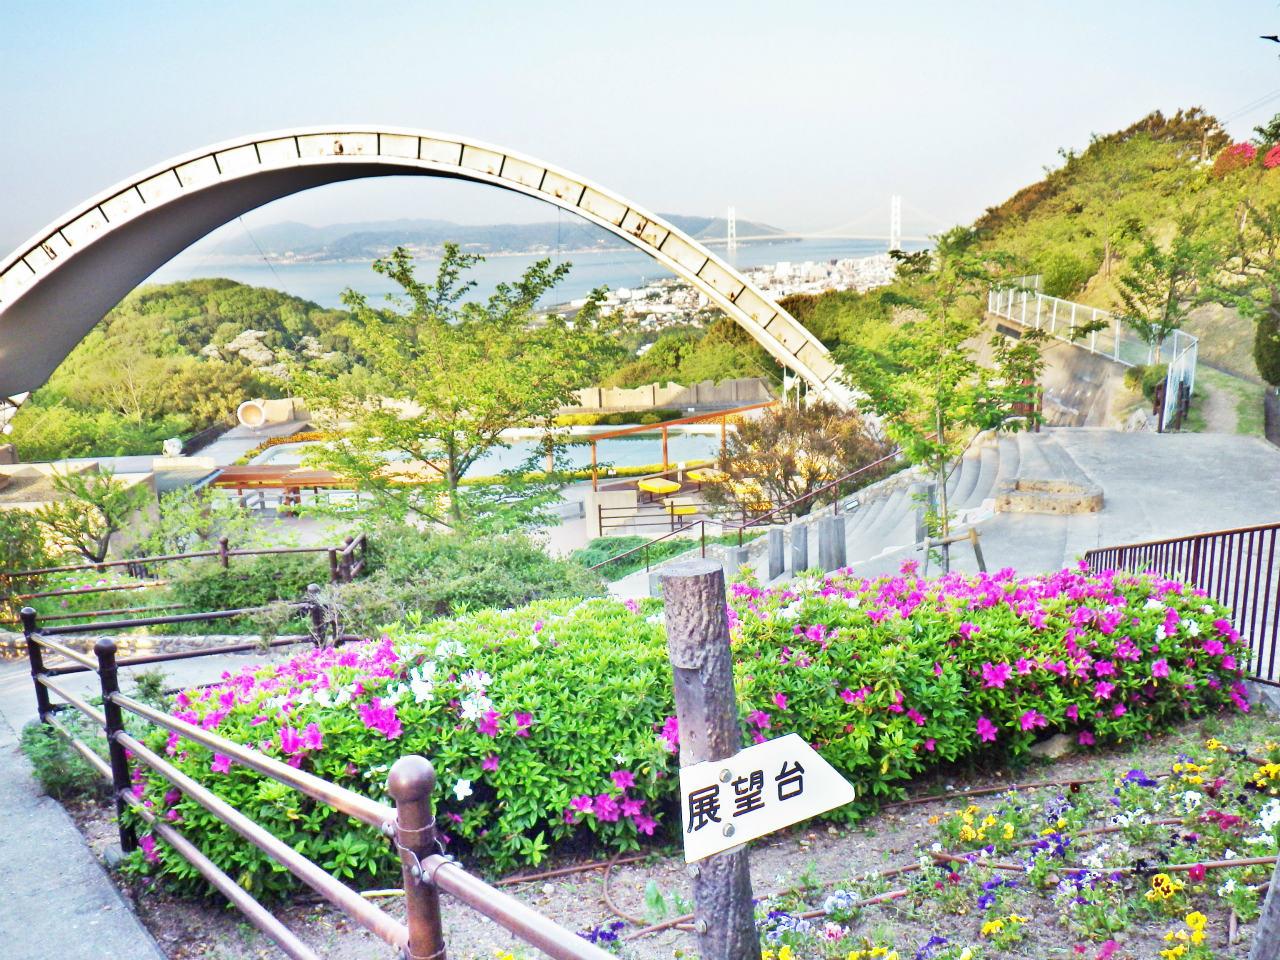 03a 須磨浦山上遊園